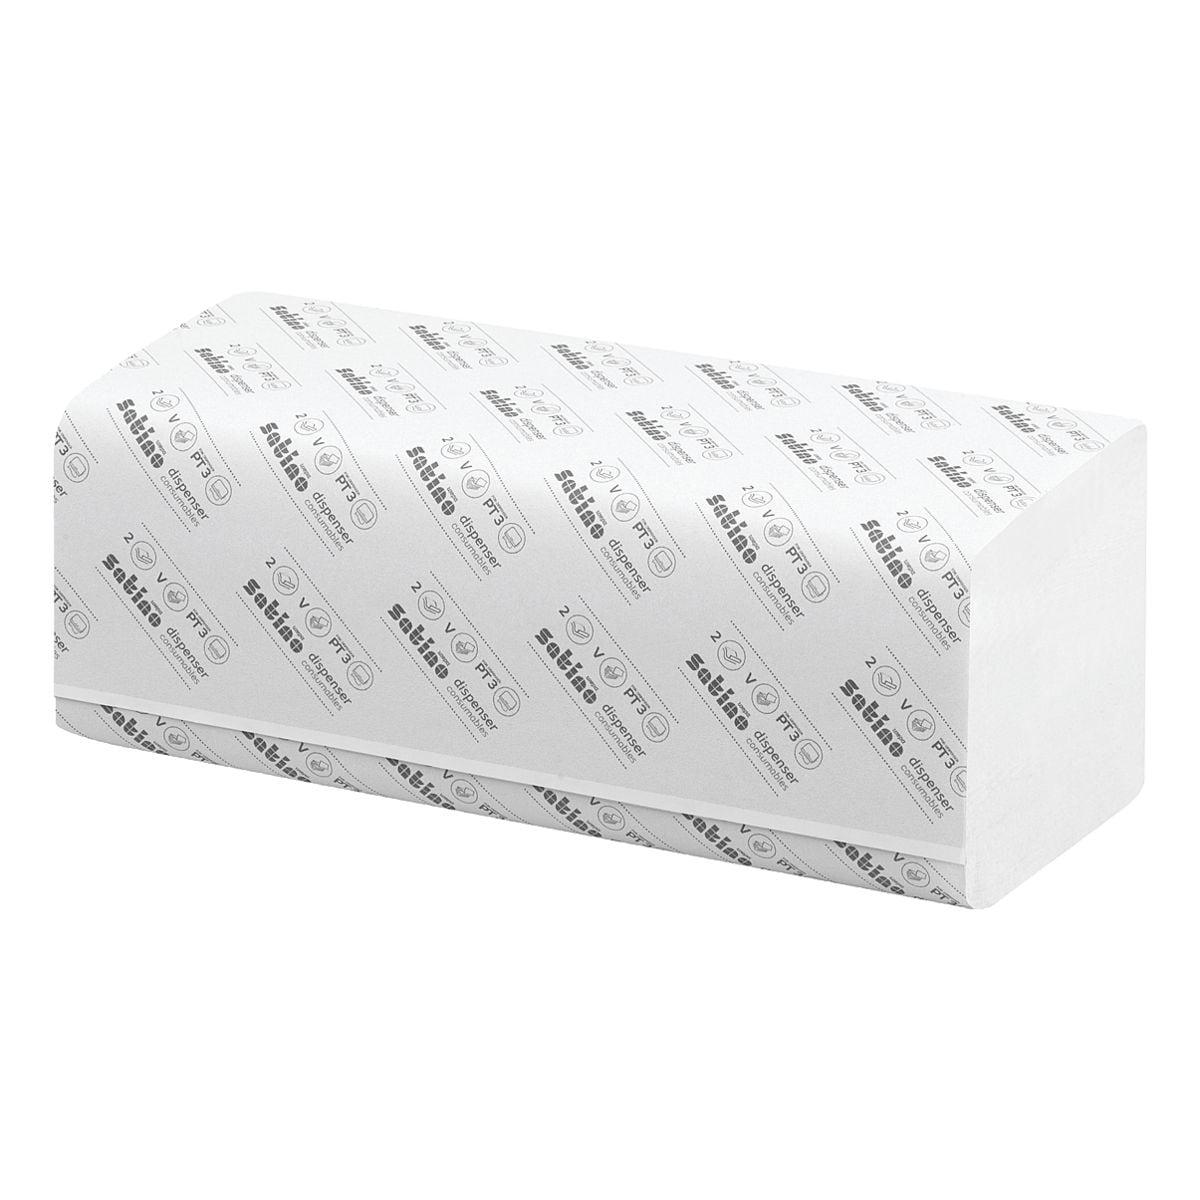 Essuie-mains en papier Satino comfort 2 épaisseurs, blanc nature, 25 cm x 23 cm de Ouate de cellulose avec pliage en Z - 3200 feuilles au total